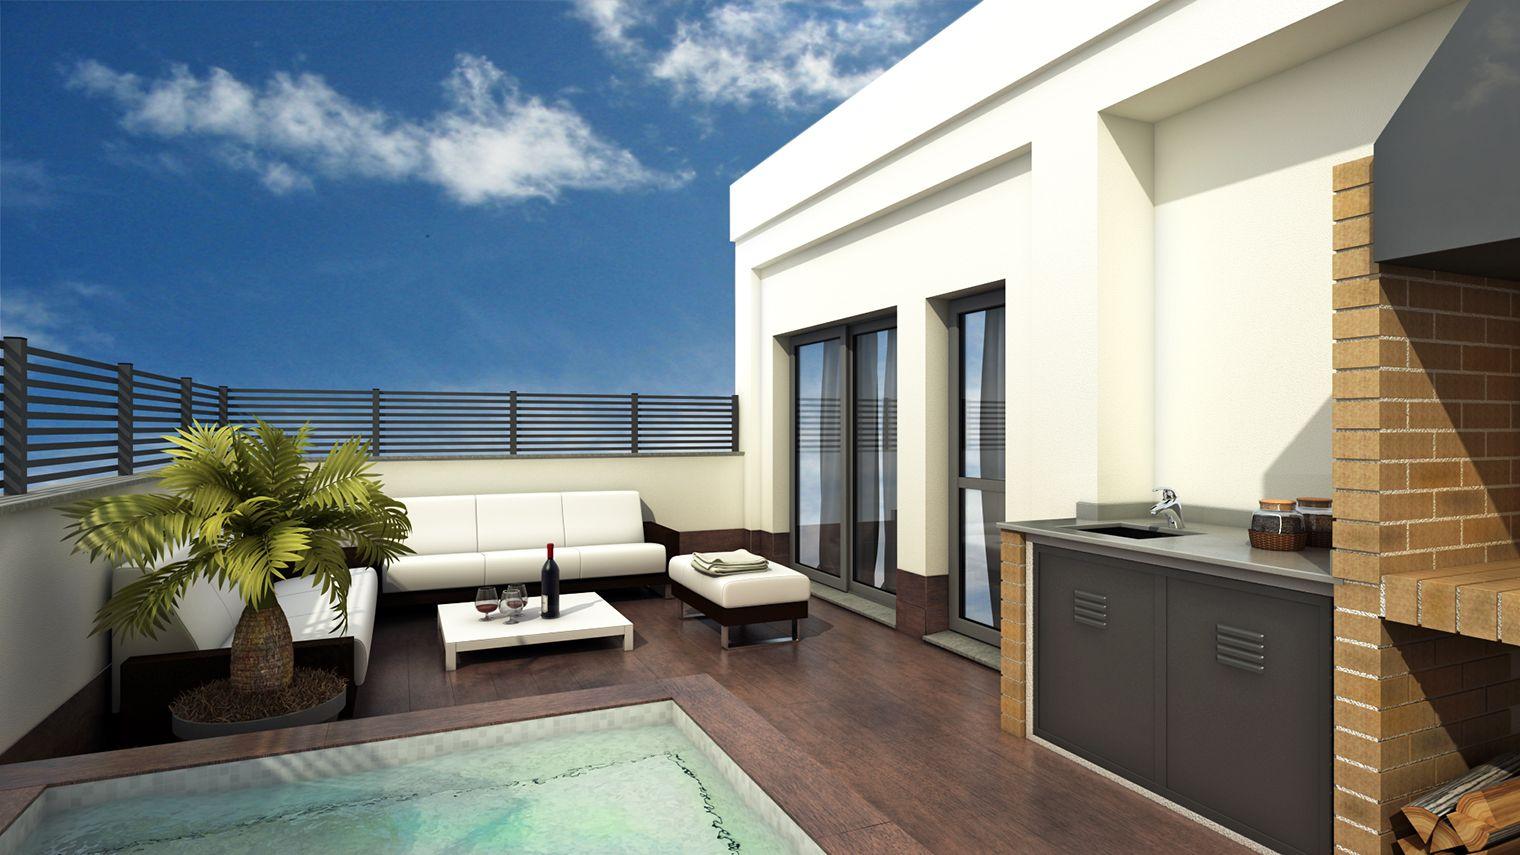 Infograf a 3d en gandia reforma terraza tico terrazas - Ideas para decorar terraza atico ...